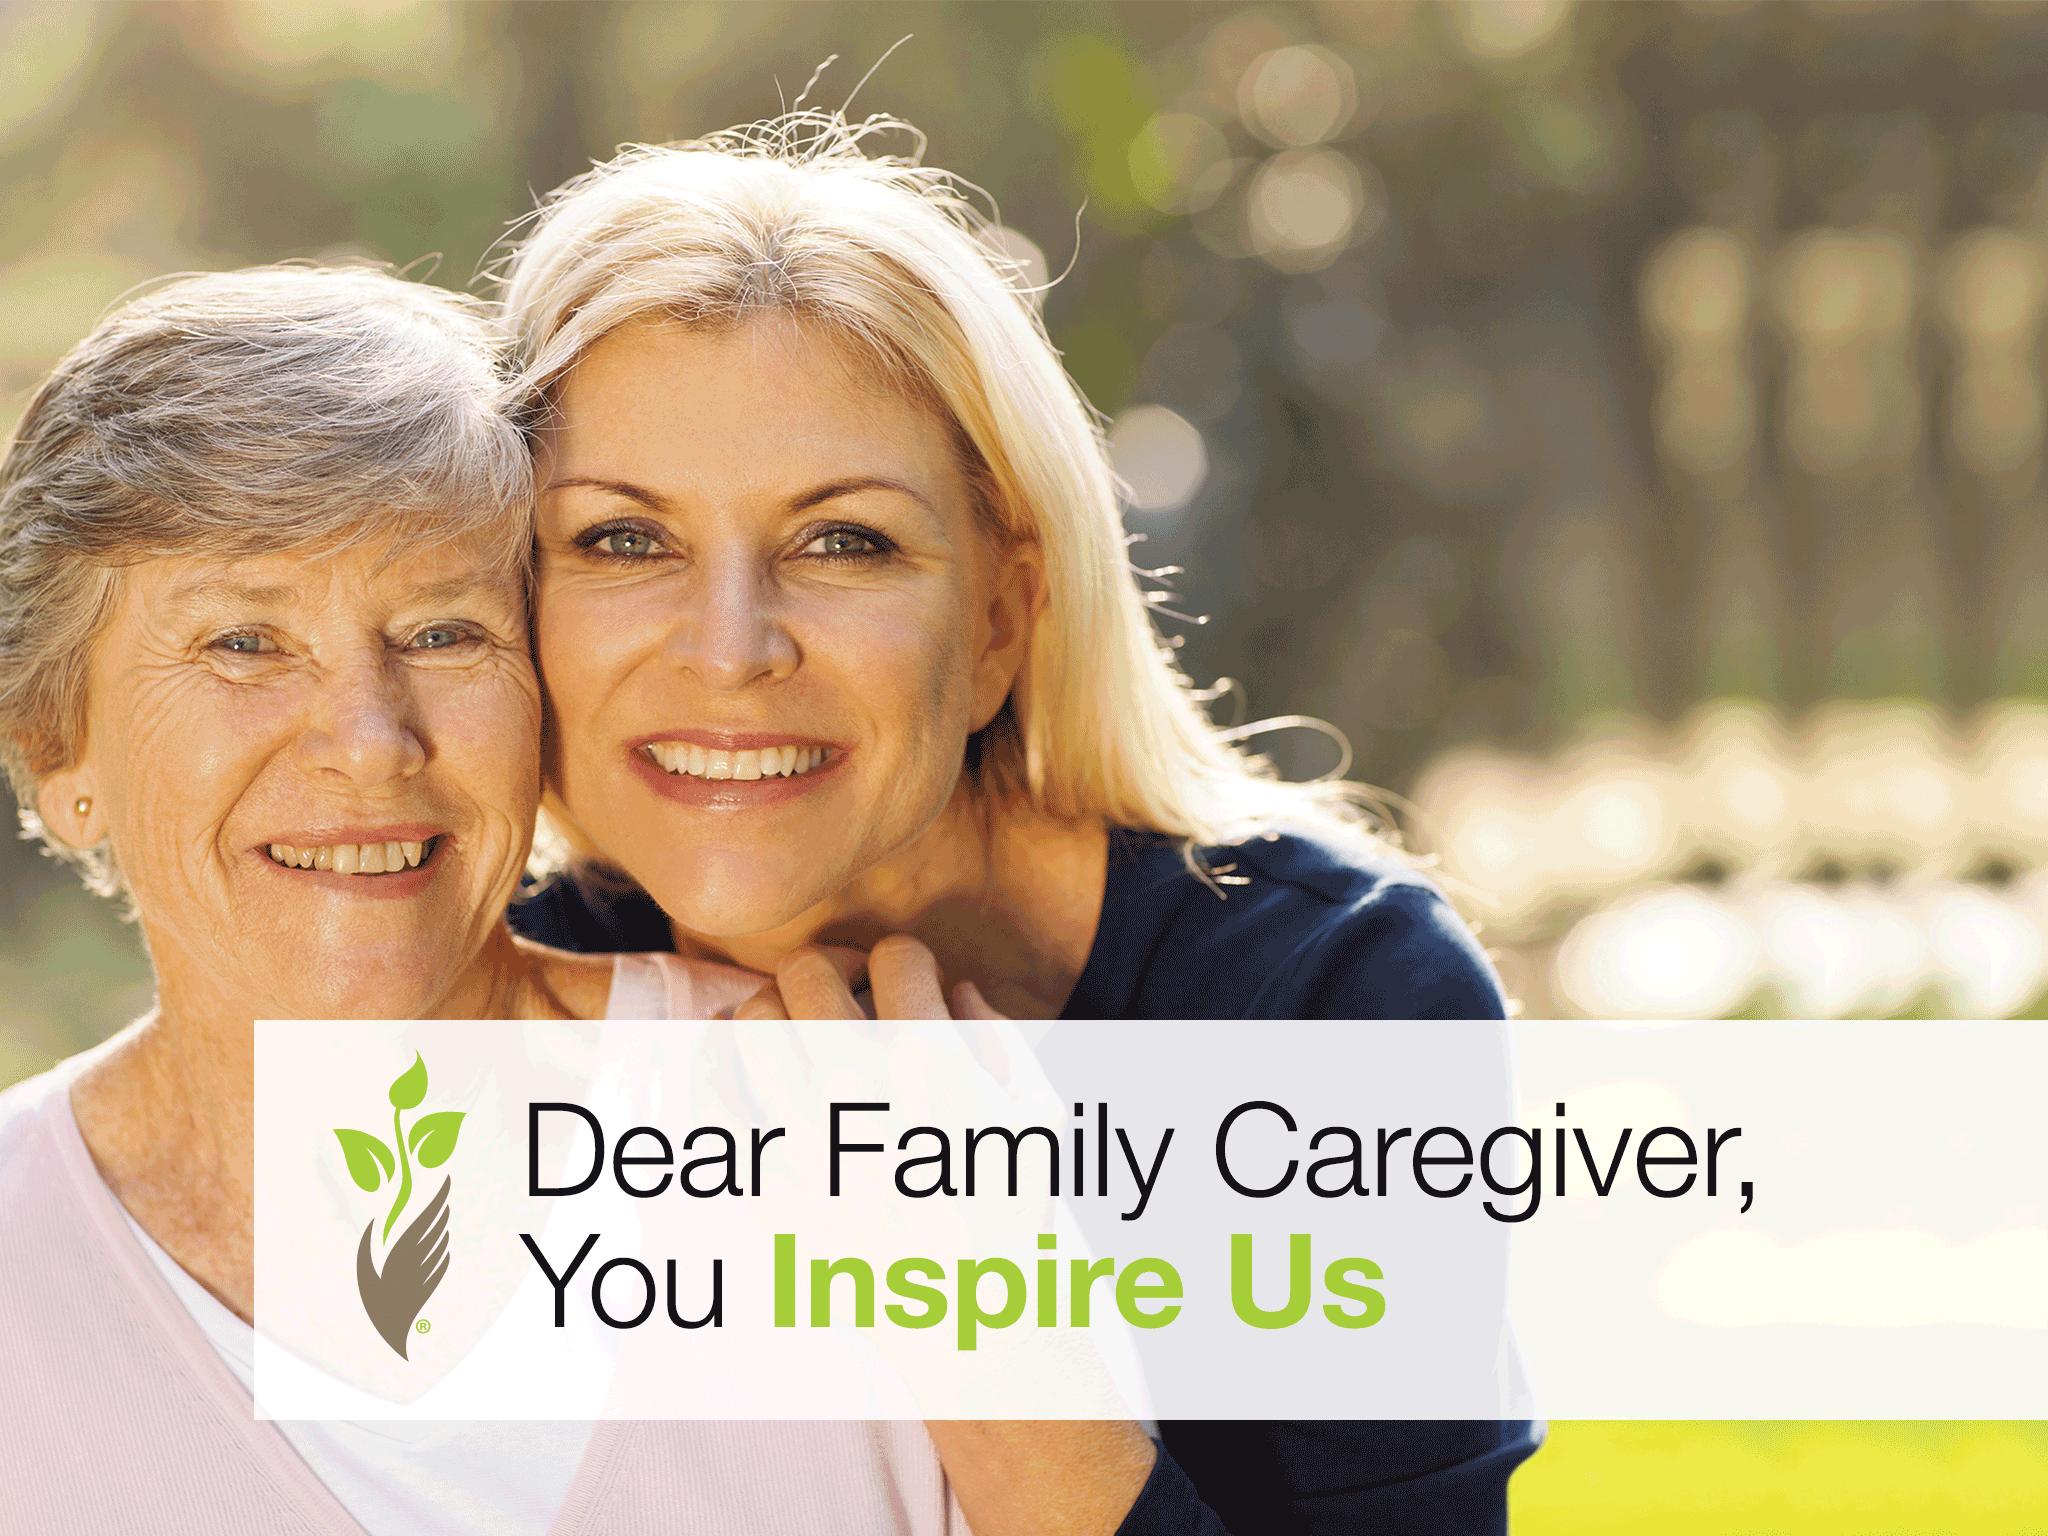 Dear Family Caregiver, You Inspire Us